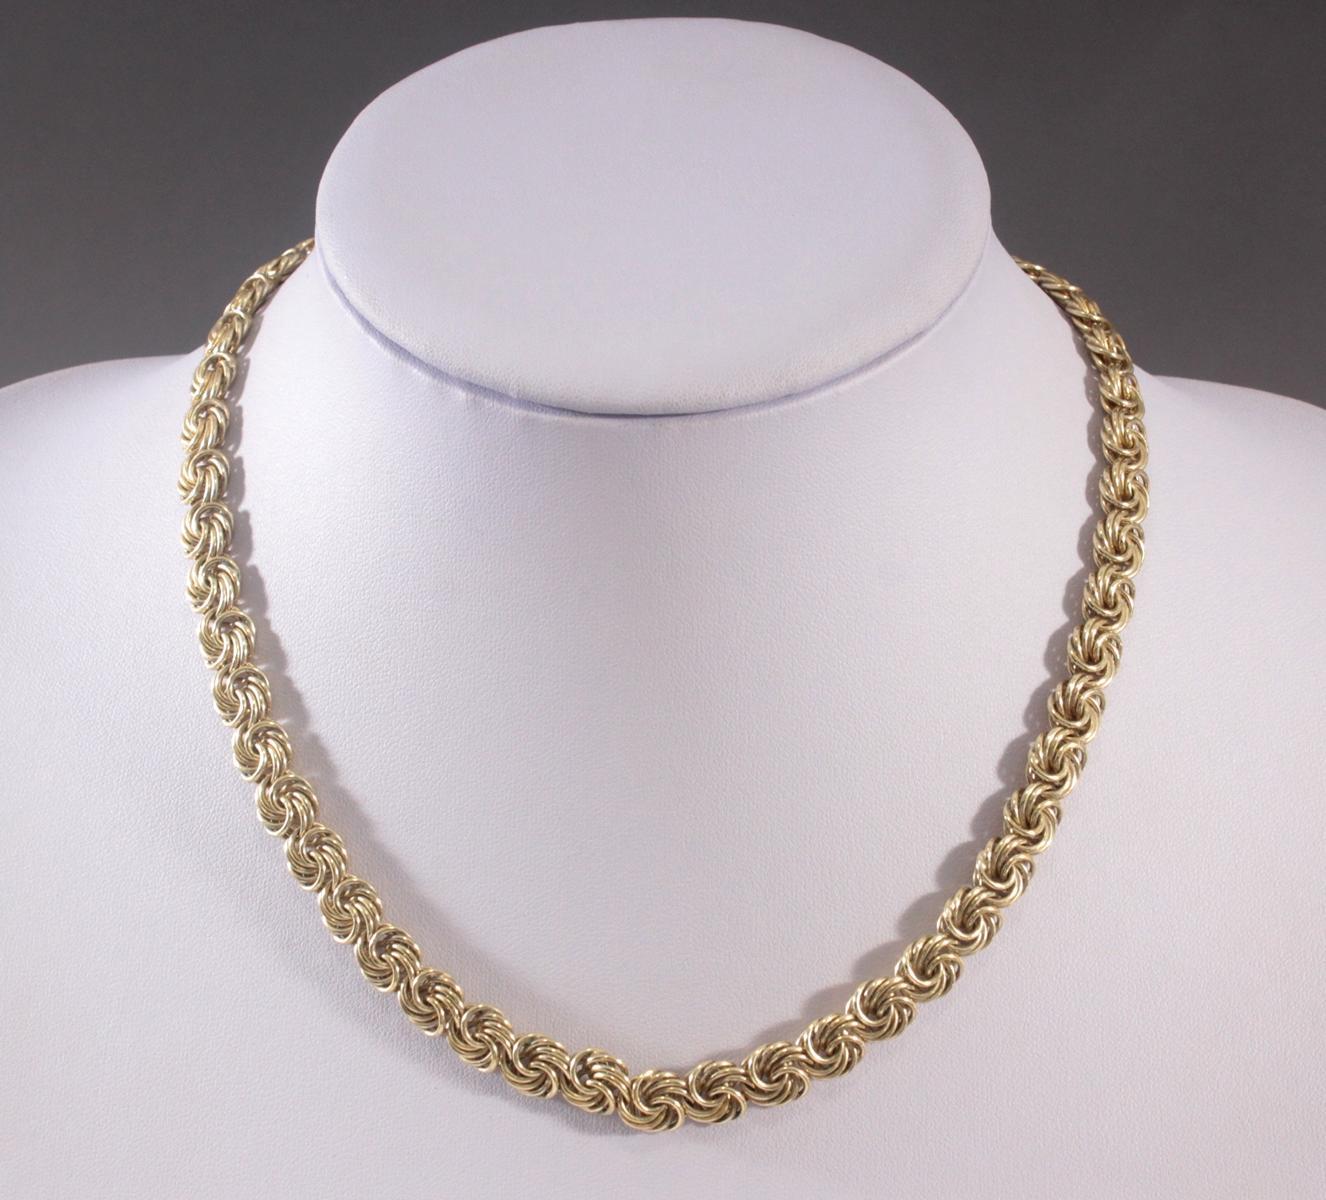 Collier aus 925er Sterlingsilber vergoldet